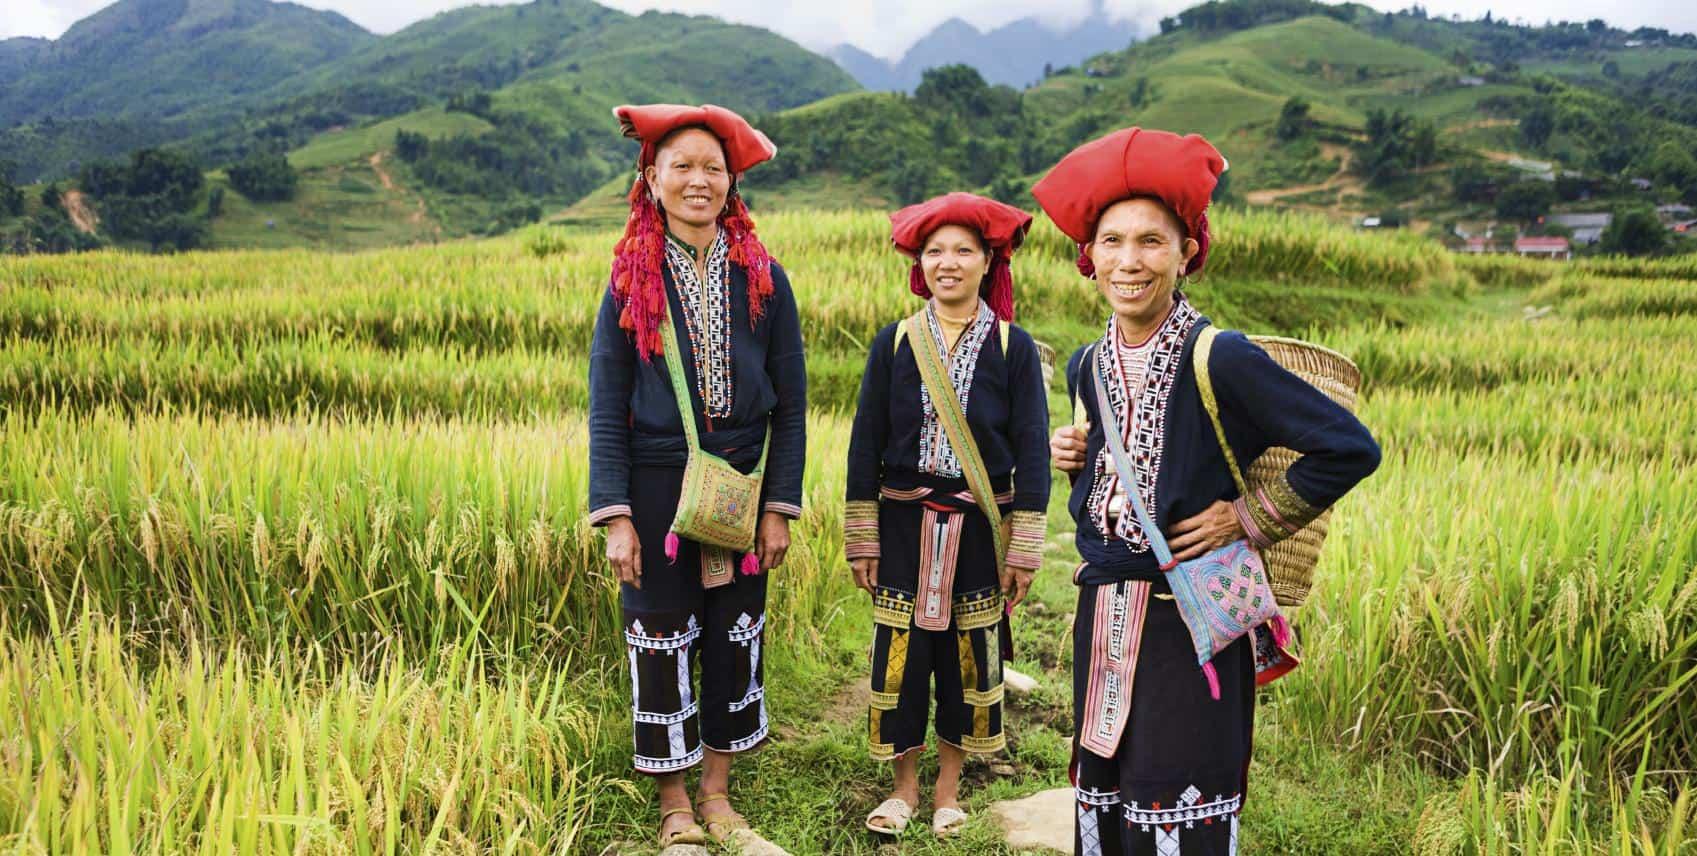 Vietnams folkesjæl - Risskov Rejser